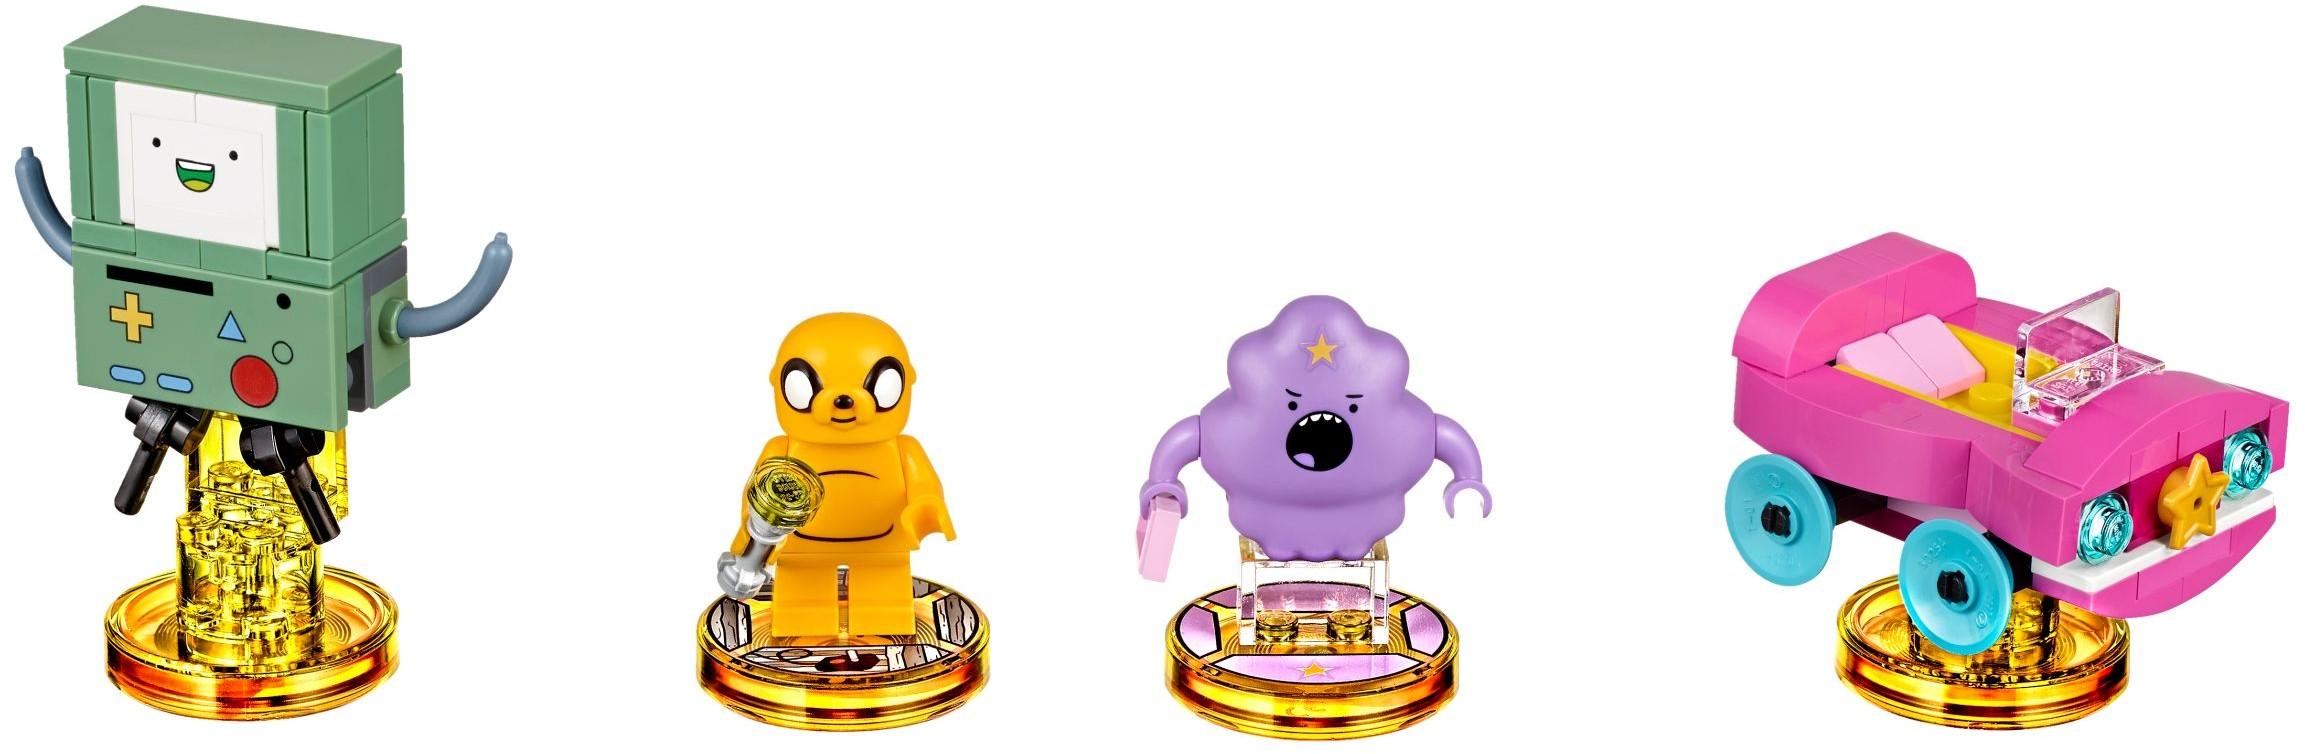 [Produits] Bientôt des figurines à construire Lego Adventure Time ! 71246-1